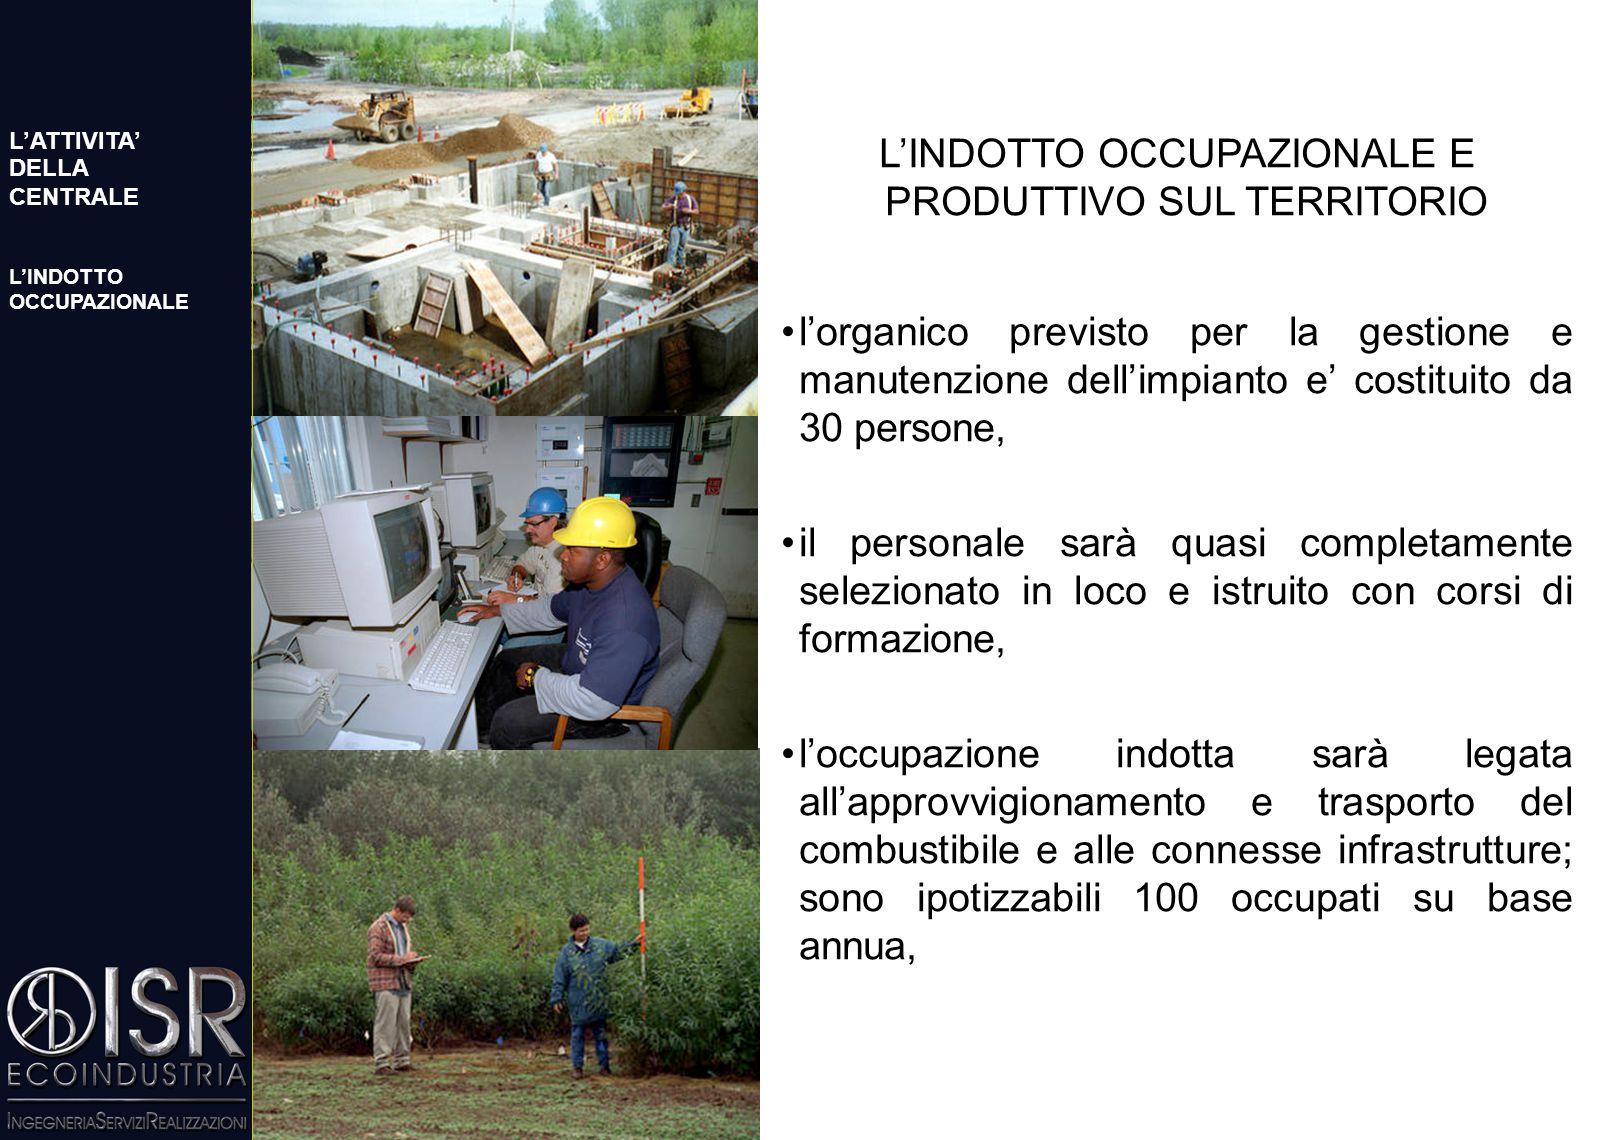 SHORT ROTATION FORESTRY: L'INDOTTO OCCUPAZIONALE La necessità di produzione di legname comporta un notevole indotto occupazionale nel settore primario, che contraddistingue le centrali a biomasse da quelle a combustibili tradizionali.